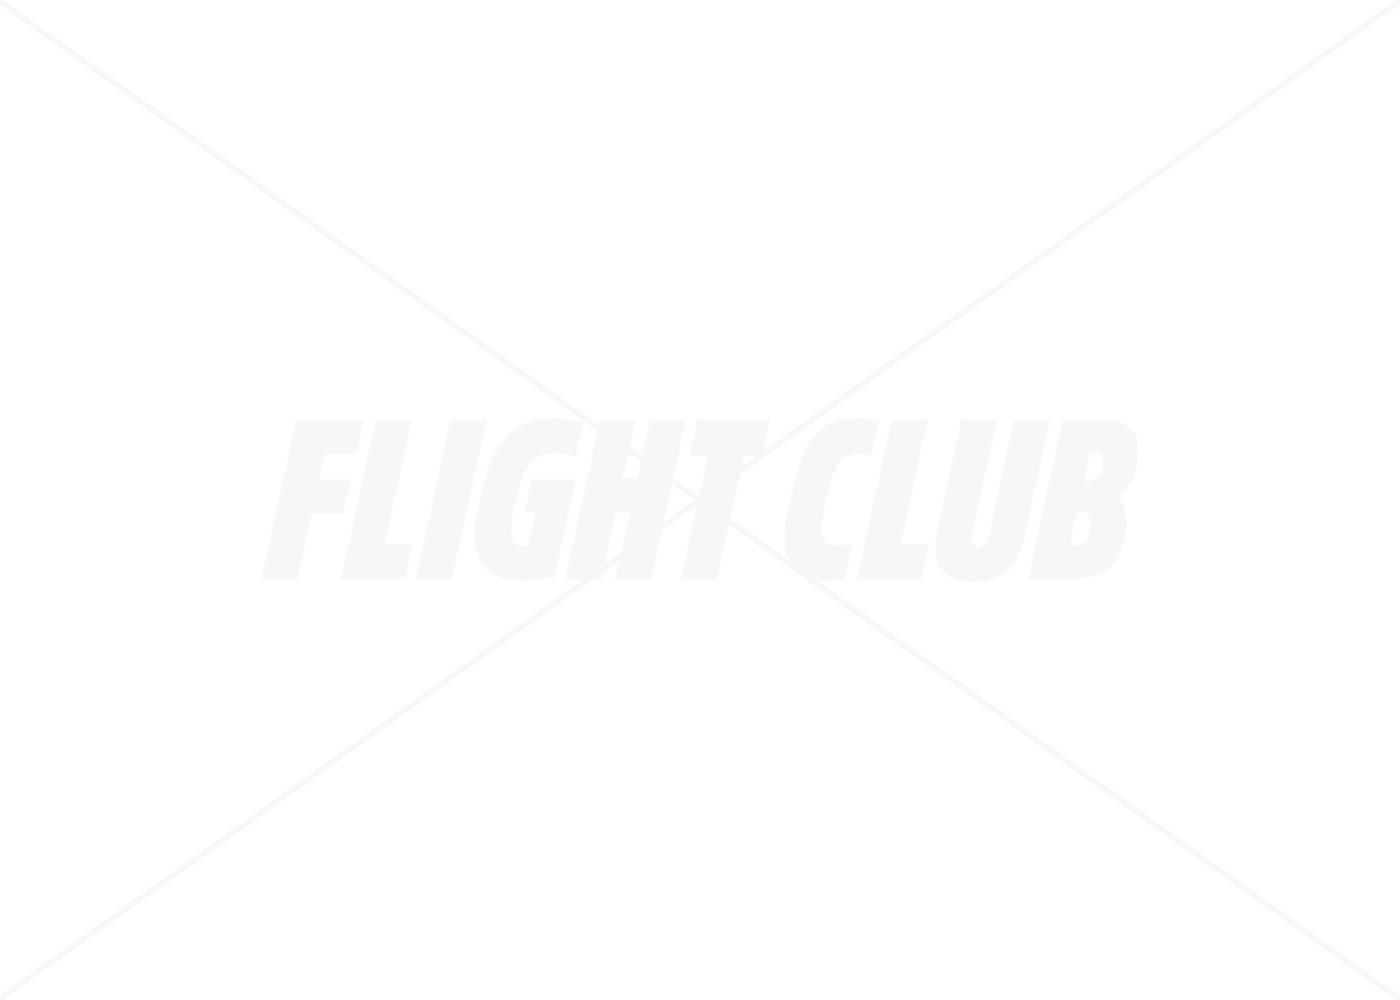 Barkley Basketballflight Club Charles Barkley Club Club